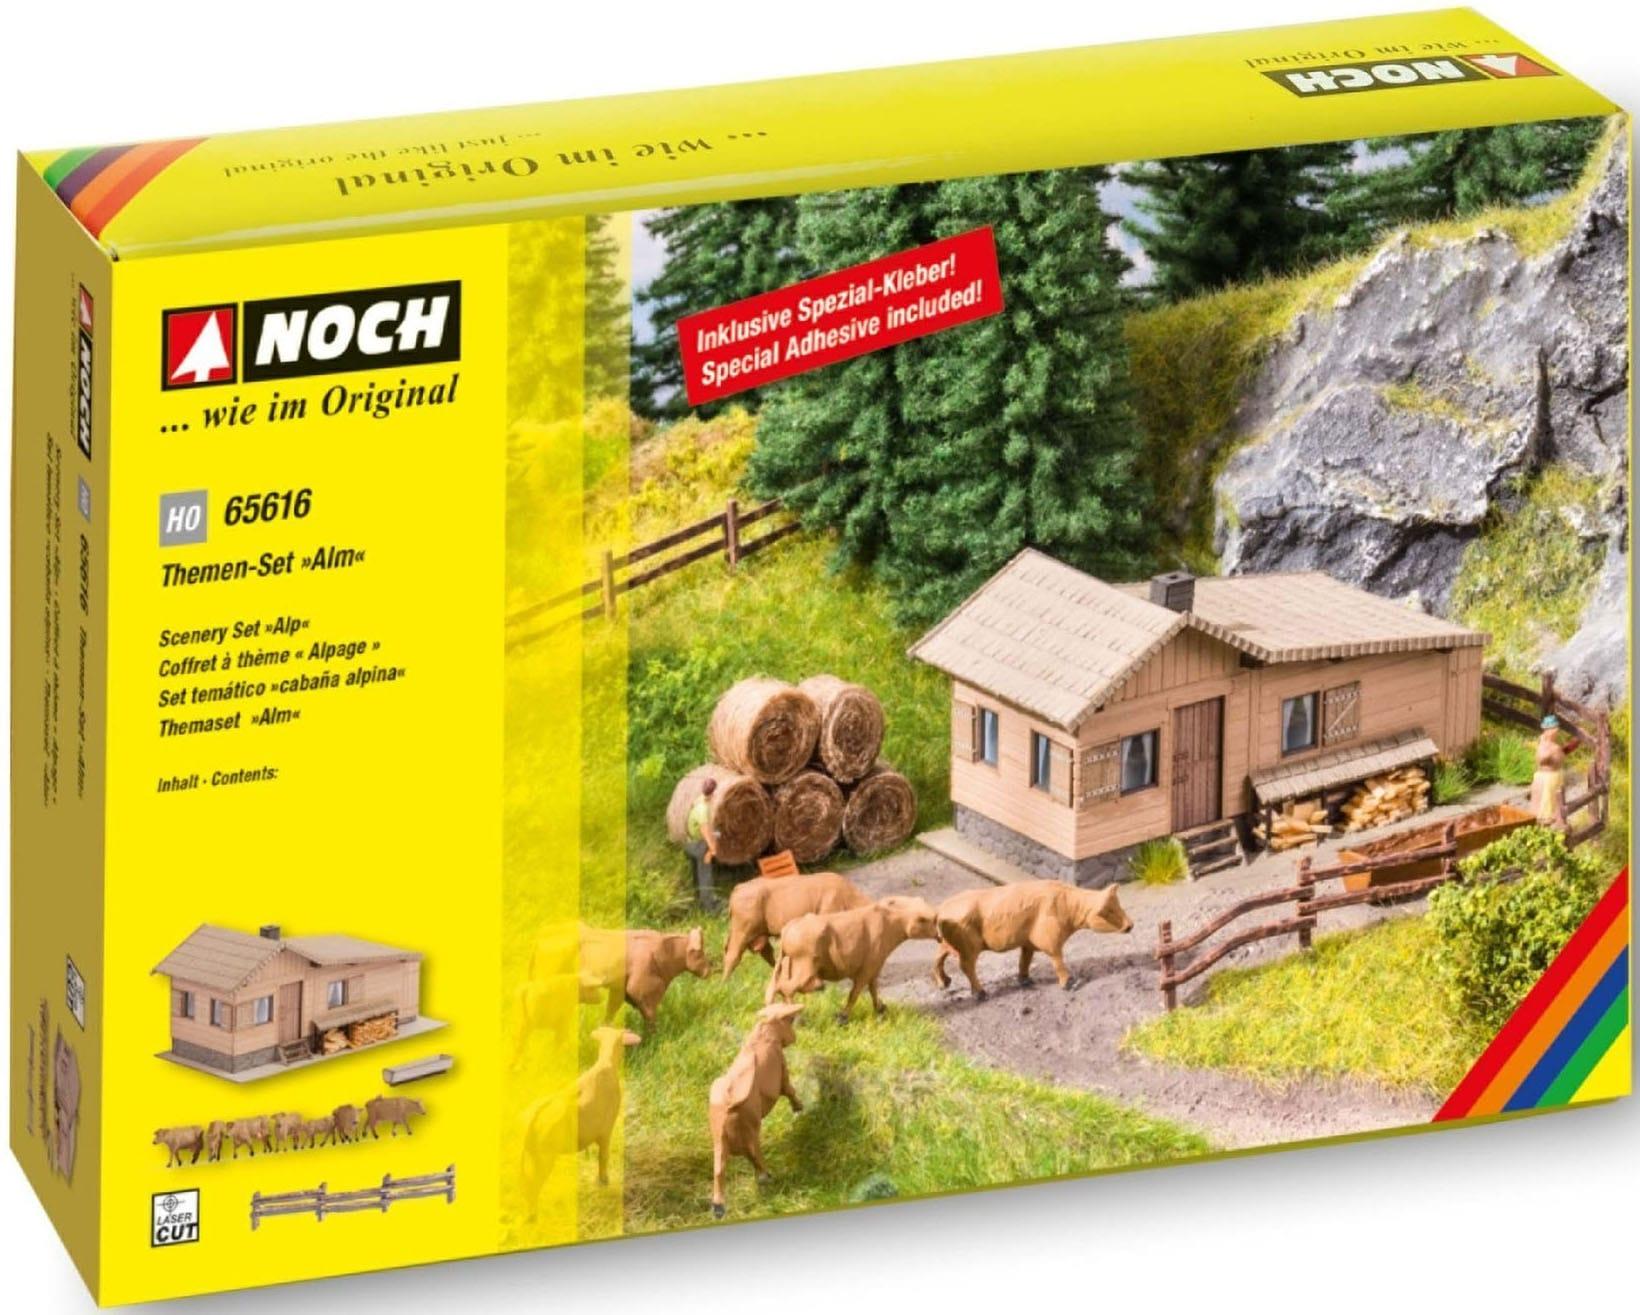 NOCH Modelleisenbahn-Gebäude Alm bunt Kinder Schienen Zubehör Modelleisenbahnen Autos, Eisenbahn Modellbau